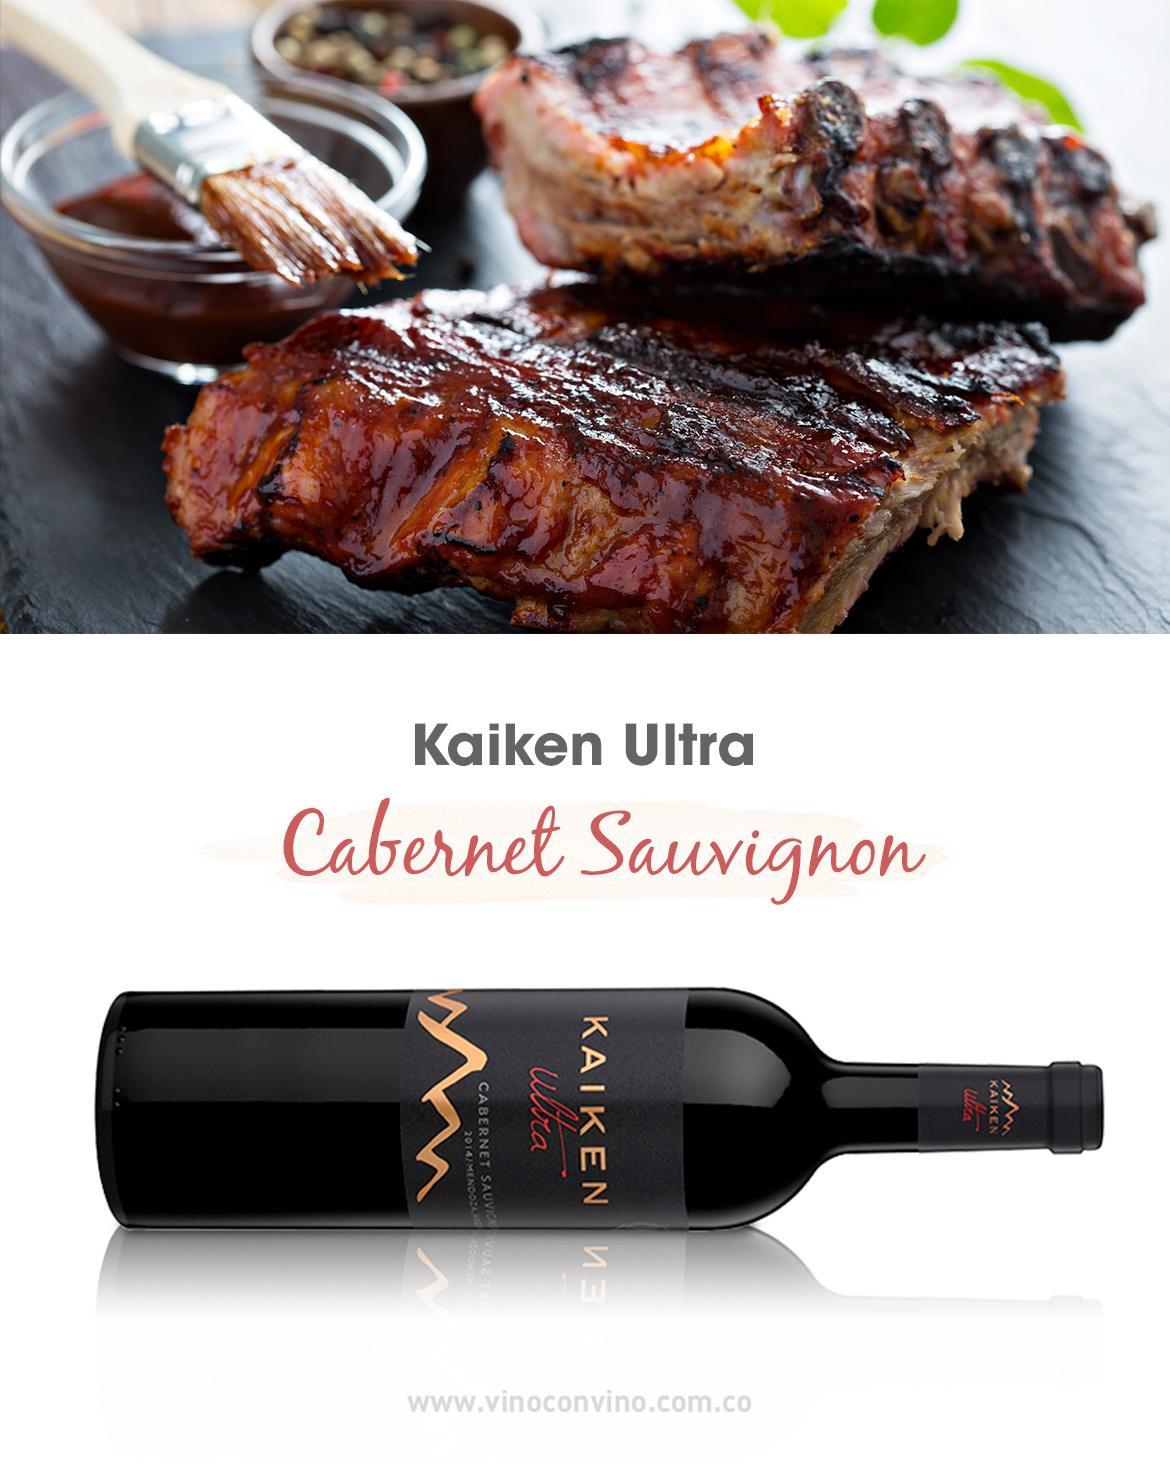 ¿Con qué acompaño una copa de vino tinto Cabernet Sauvignon? - Blog vinoconvino